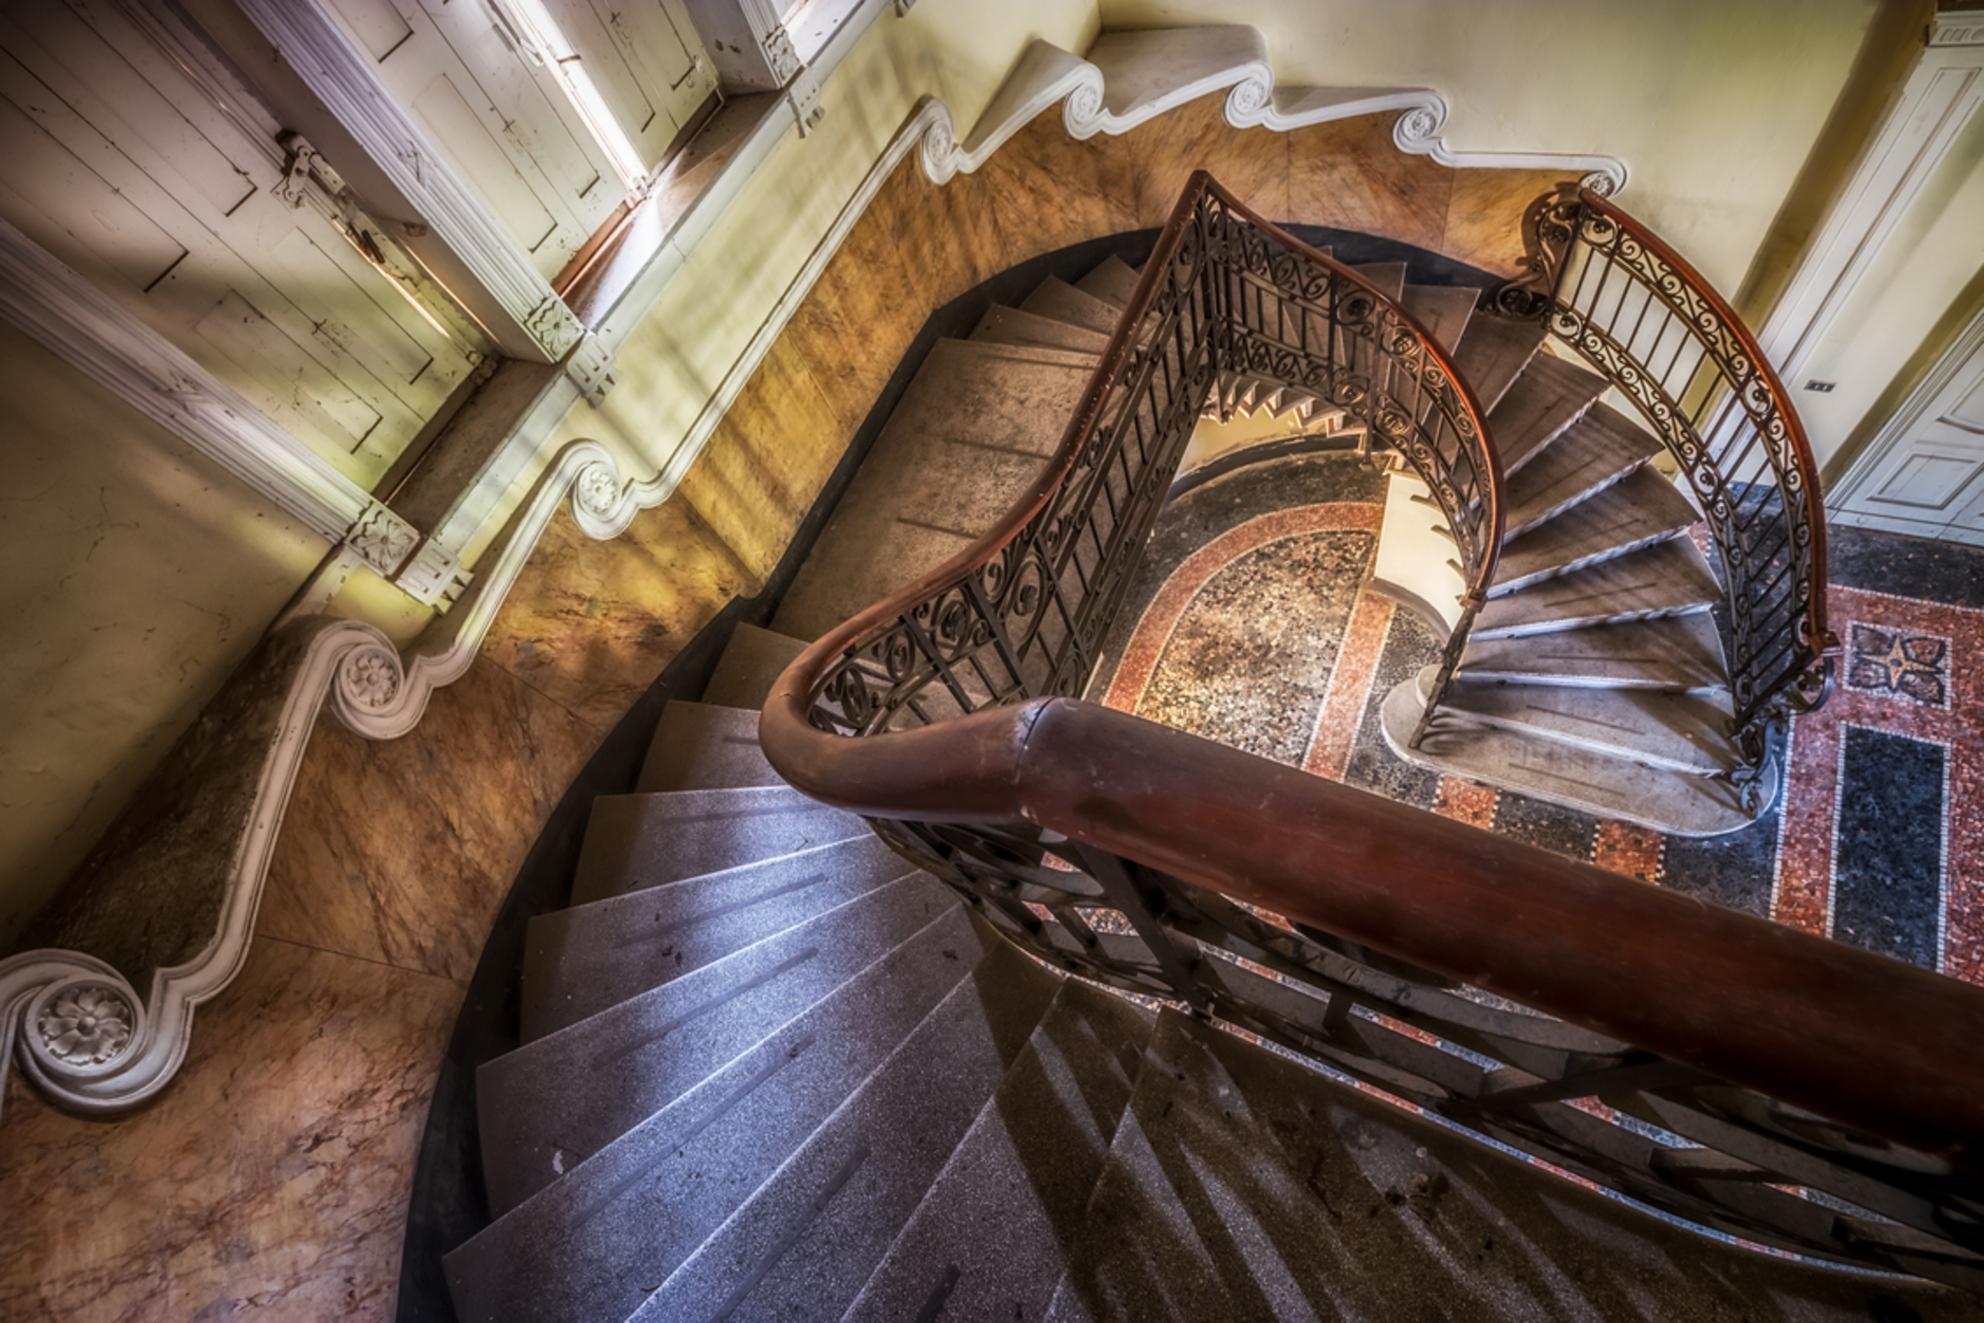 Stairway - - - foto door esmeralda160867 op 18-04-2017 - deze foto bevat: oud, kleur, trap, licht, urban, verlaten, hdr, urbex, urban exploring - Deze foto mag gebruikt worden in een Zoom.nl publicatie